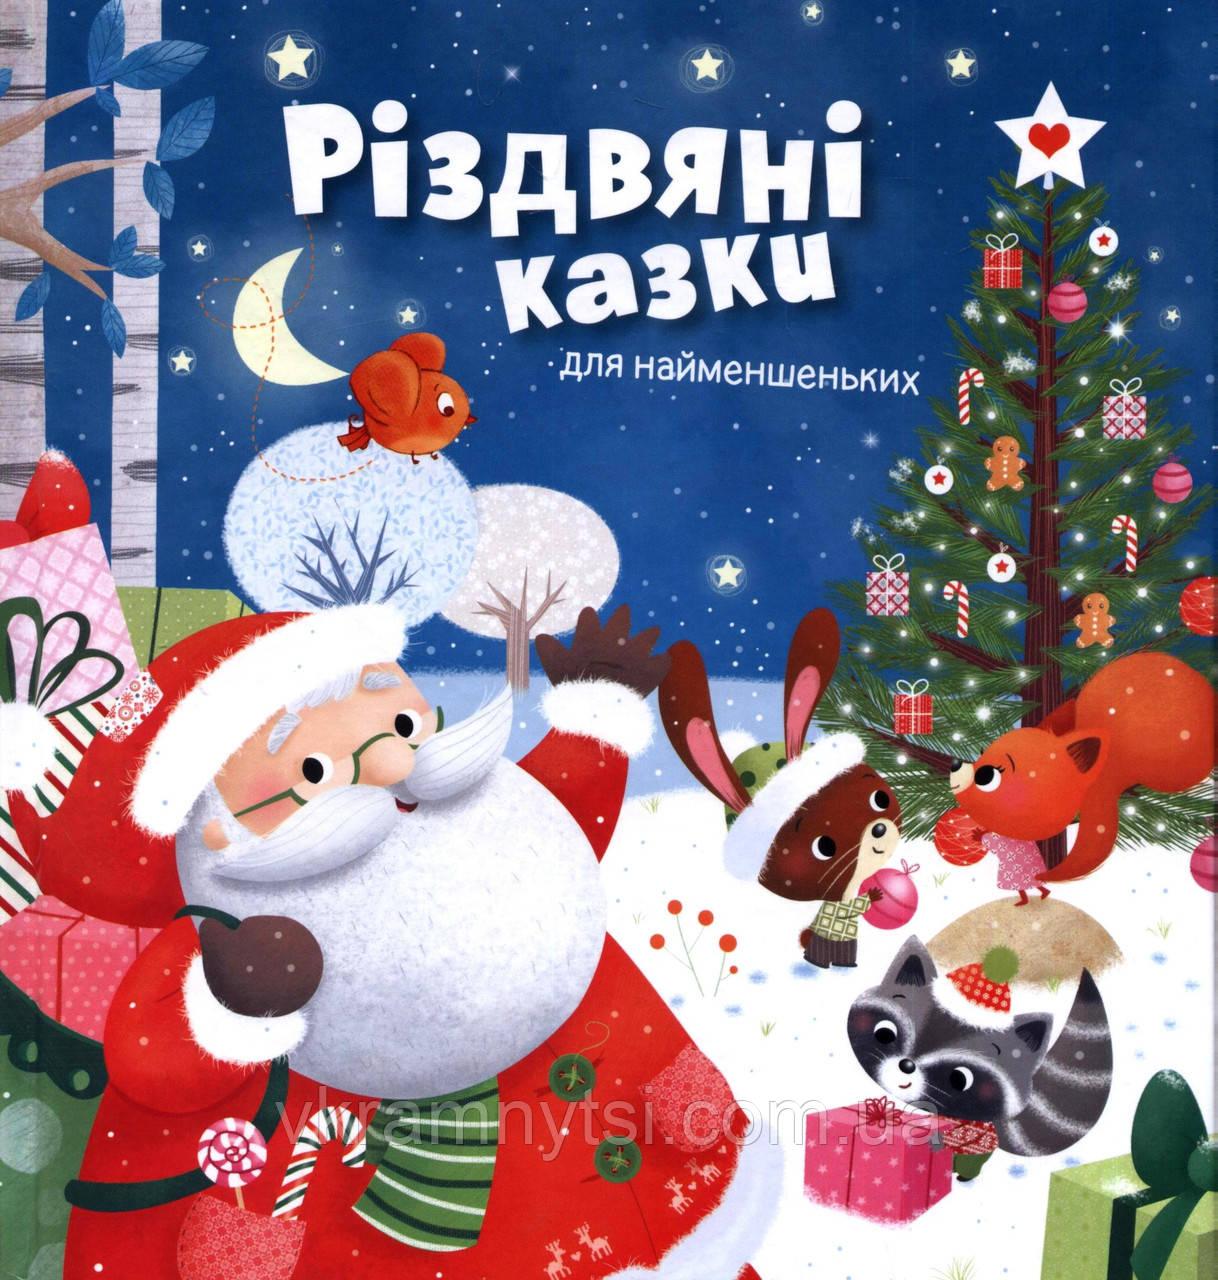 Різдвяні казки для найменшеньких